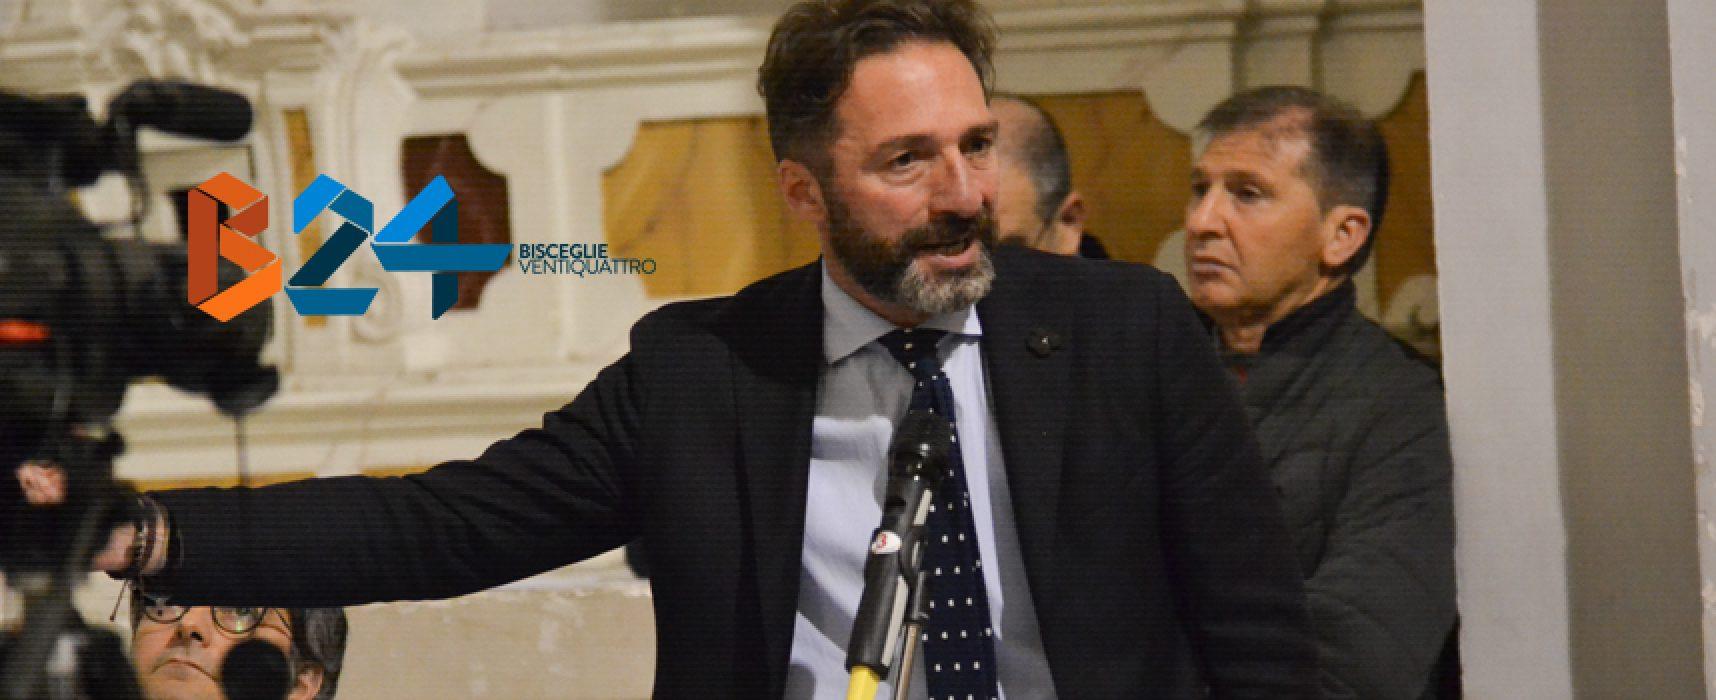 """Lettera del cittadino disabile al sindaco, Casella: """"Spero in una città a misura di essere umano"""""""